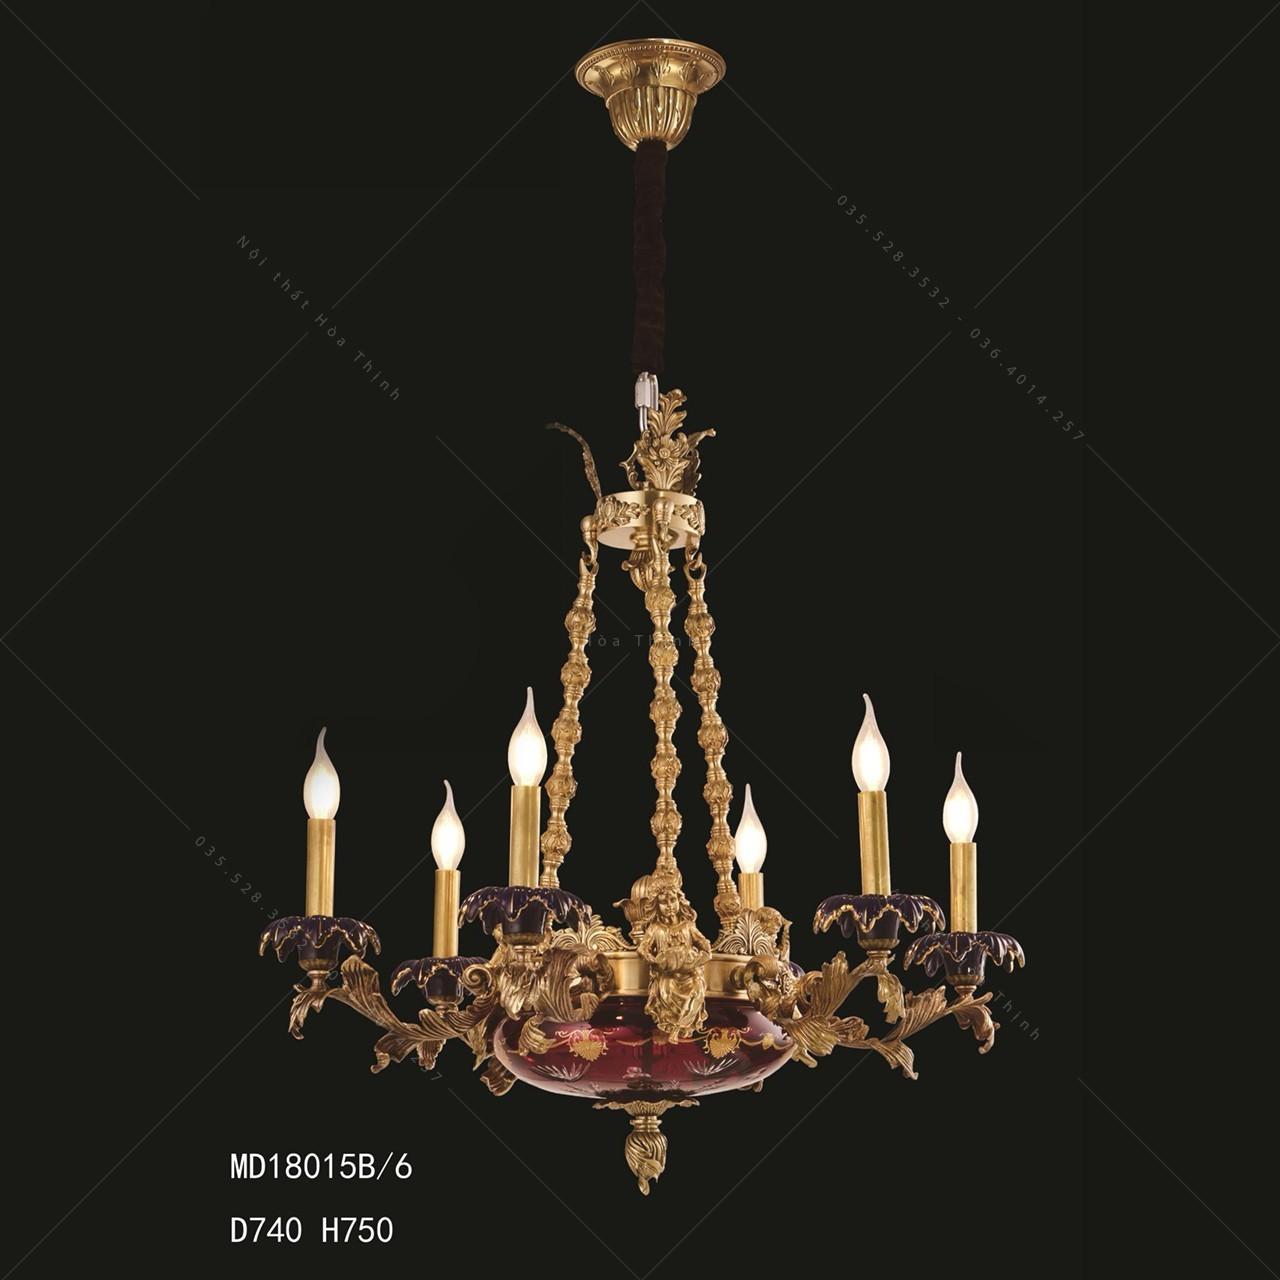 đèn chùm giá 1 triệu MD180156